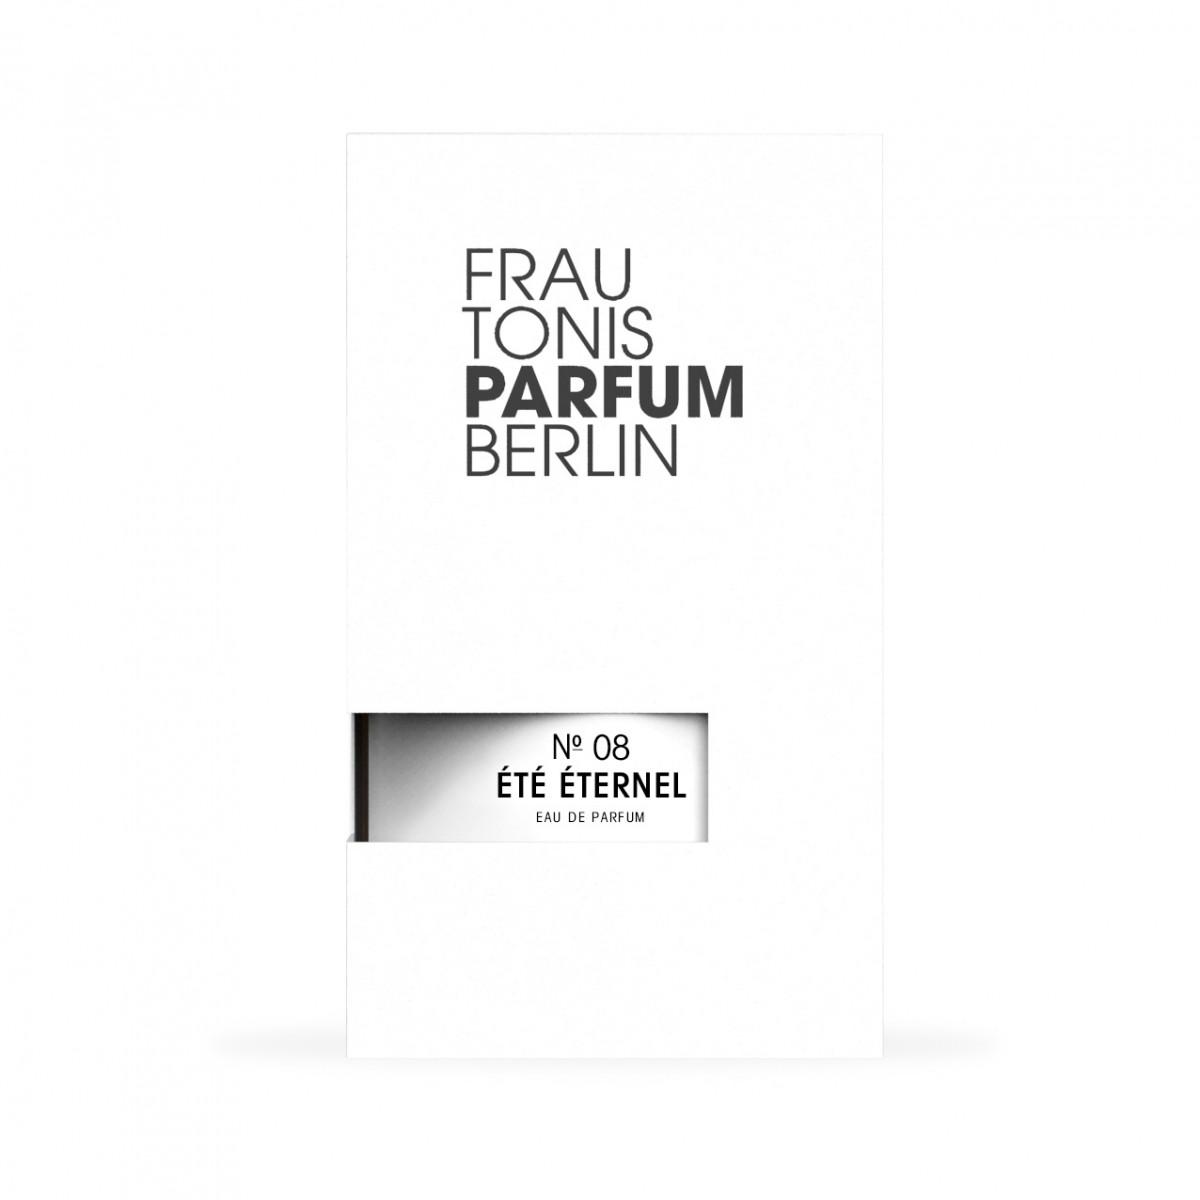 No.08 Été Éternel | Eau de Parfum (100ml) by Frau Tonis Parfum